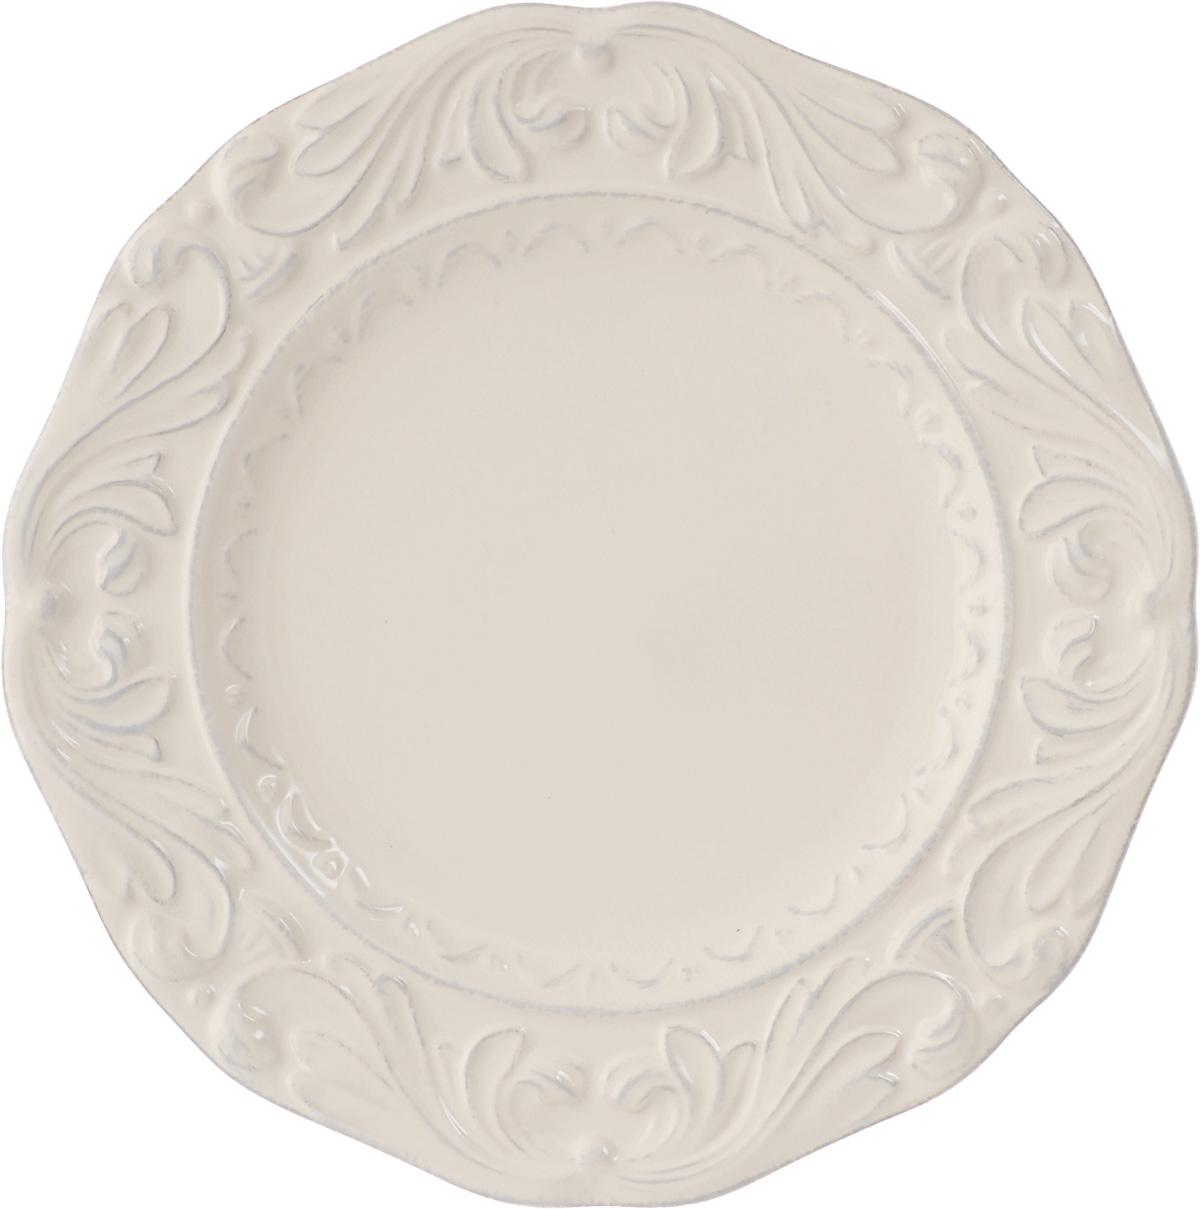 Тарелка десертная Certified International Флоренция, диаметр 24 см14902Десертная тарелка Certified International Флоренция, изготовленная из высококачественной керамики, декорирована изящным рельефным рисунком. Она подойдет как для торжественных случаев, так и для повседневного использования. Тарелка Certified International Флоренция идеальна для подачи десертов, пирожных, тортов и многого другого. Она прекрасно оформит стол и станет отличным дополнением к вашей коллекции кухонной посуды. Можно мыть в посудомоечной машине и использовать в микроволновой печи. Диаметр тарелки: 24 см.